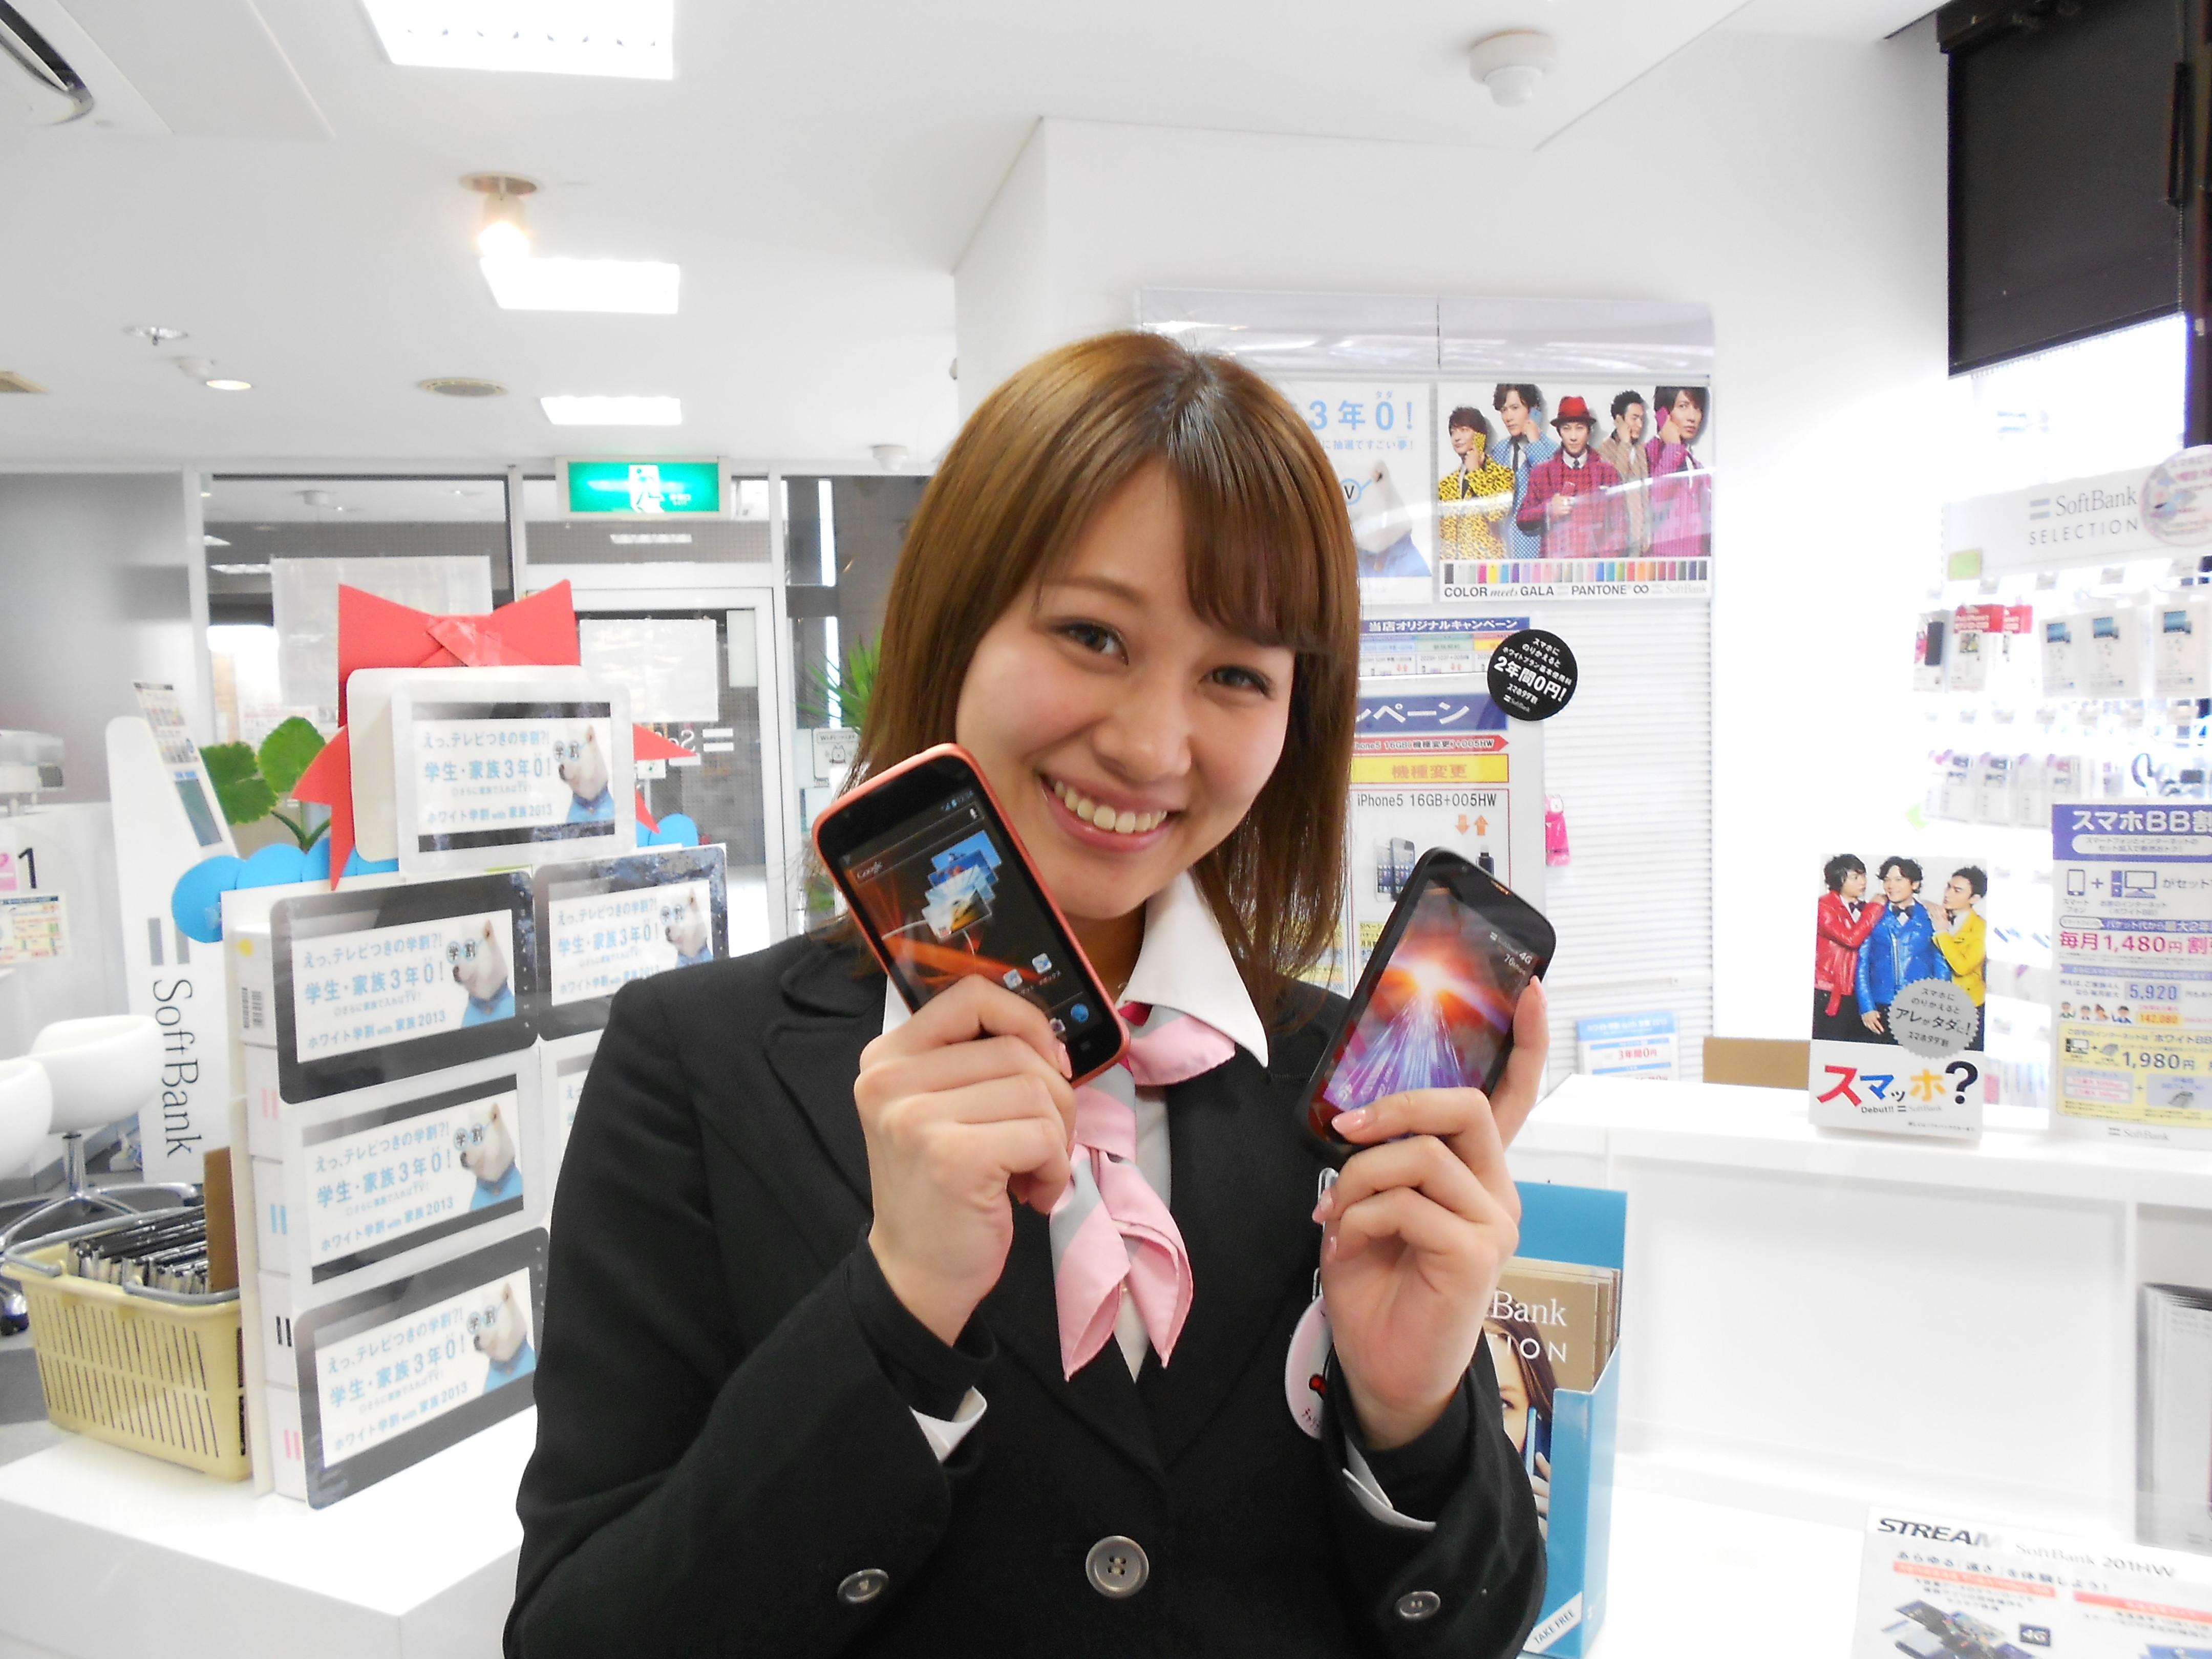 ソフトバンク MIDORI松本(株式会社シエロ)のアルバイト情報